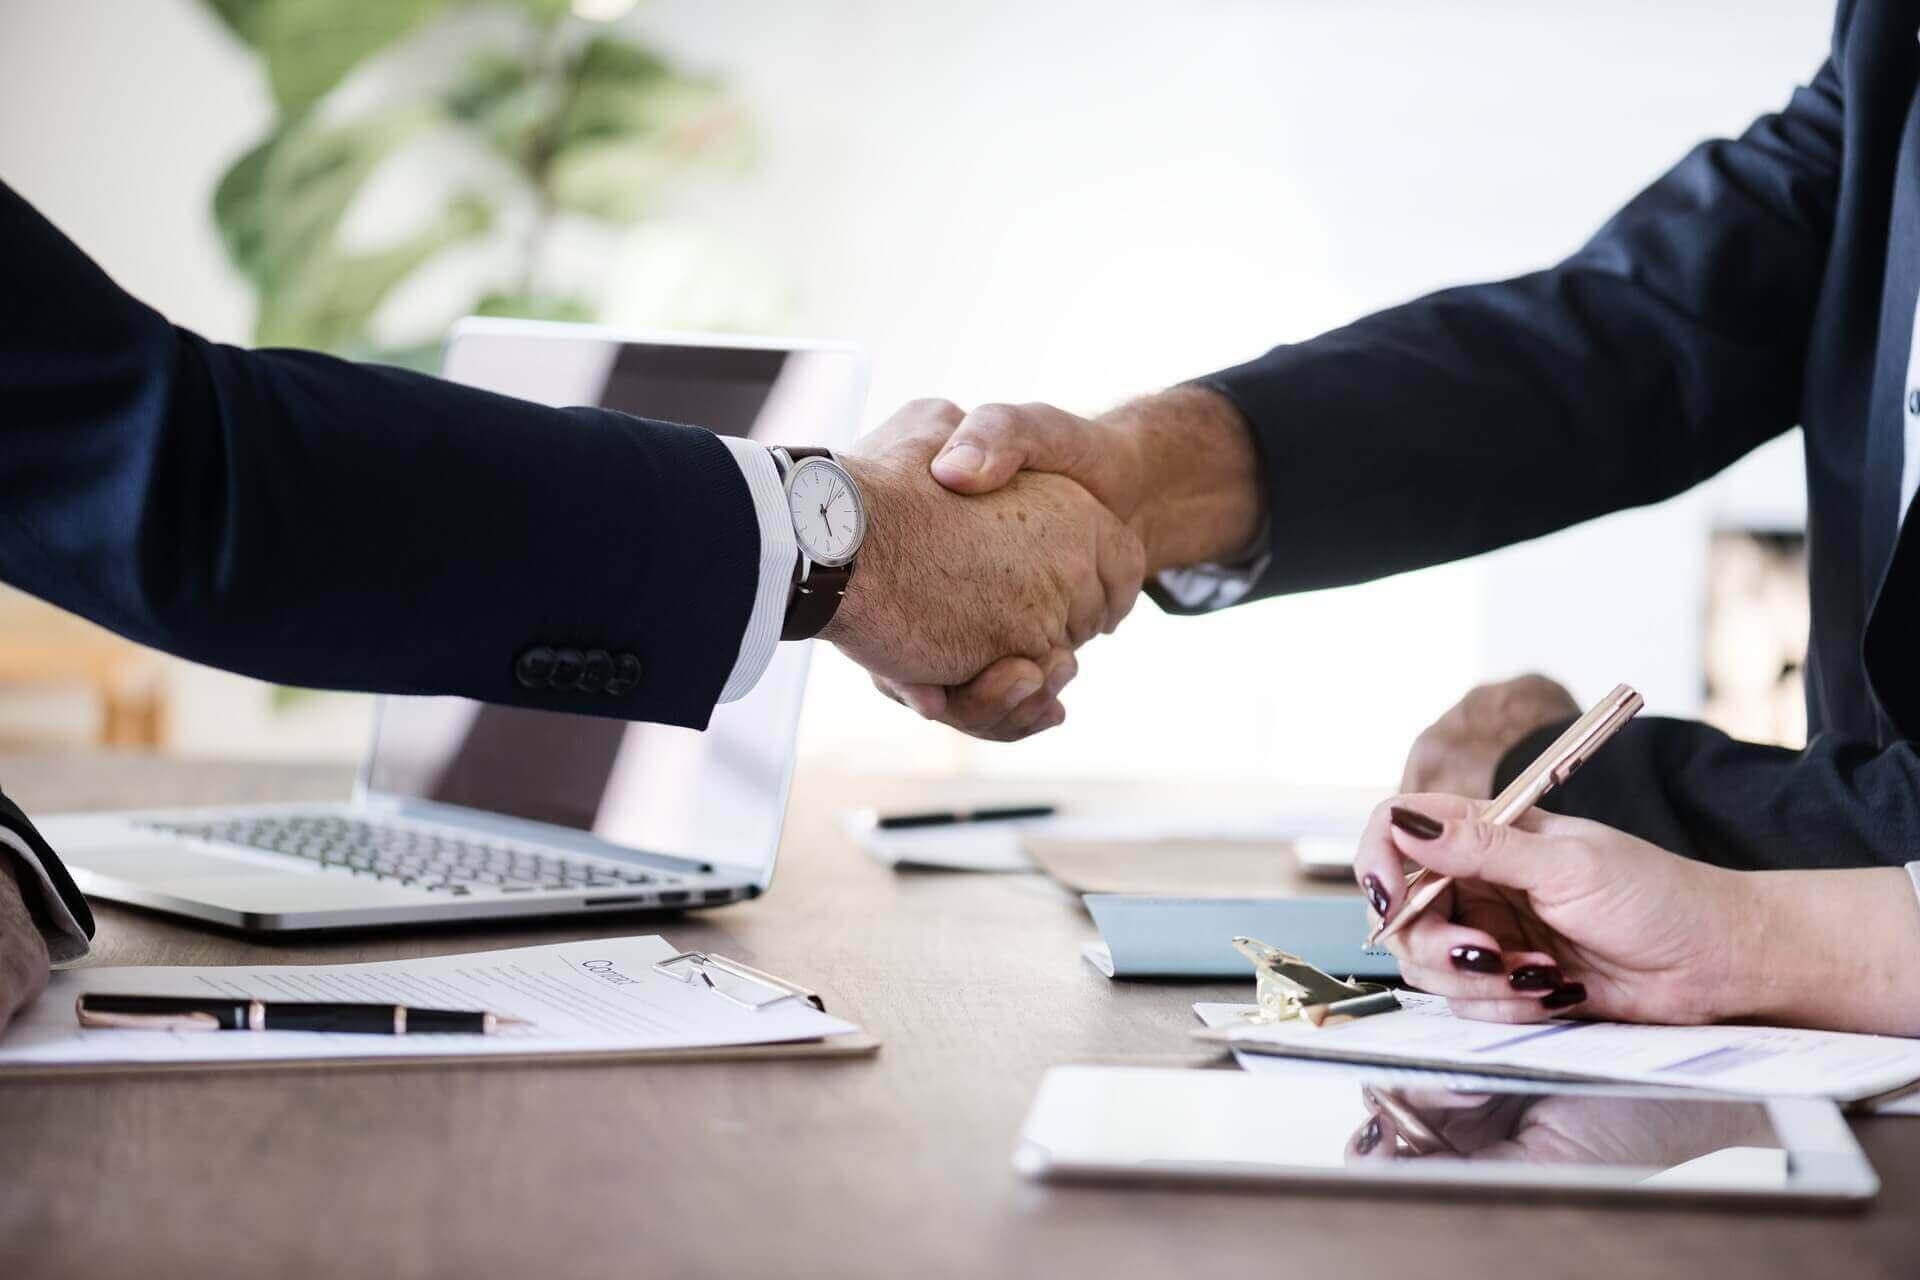 Como mejorar el inventario utilizando una estrategia de rebajas - Complementa tu crecimiento con un Consultor Certificado y de Confianza